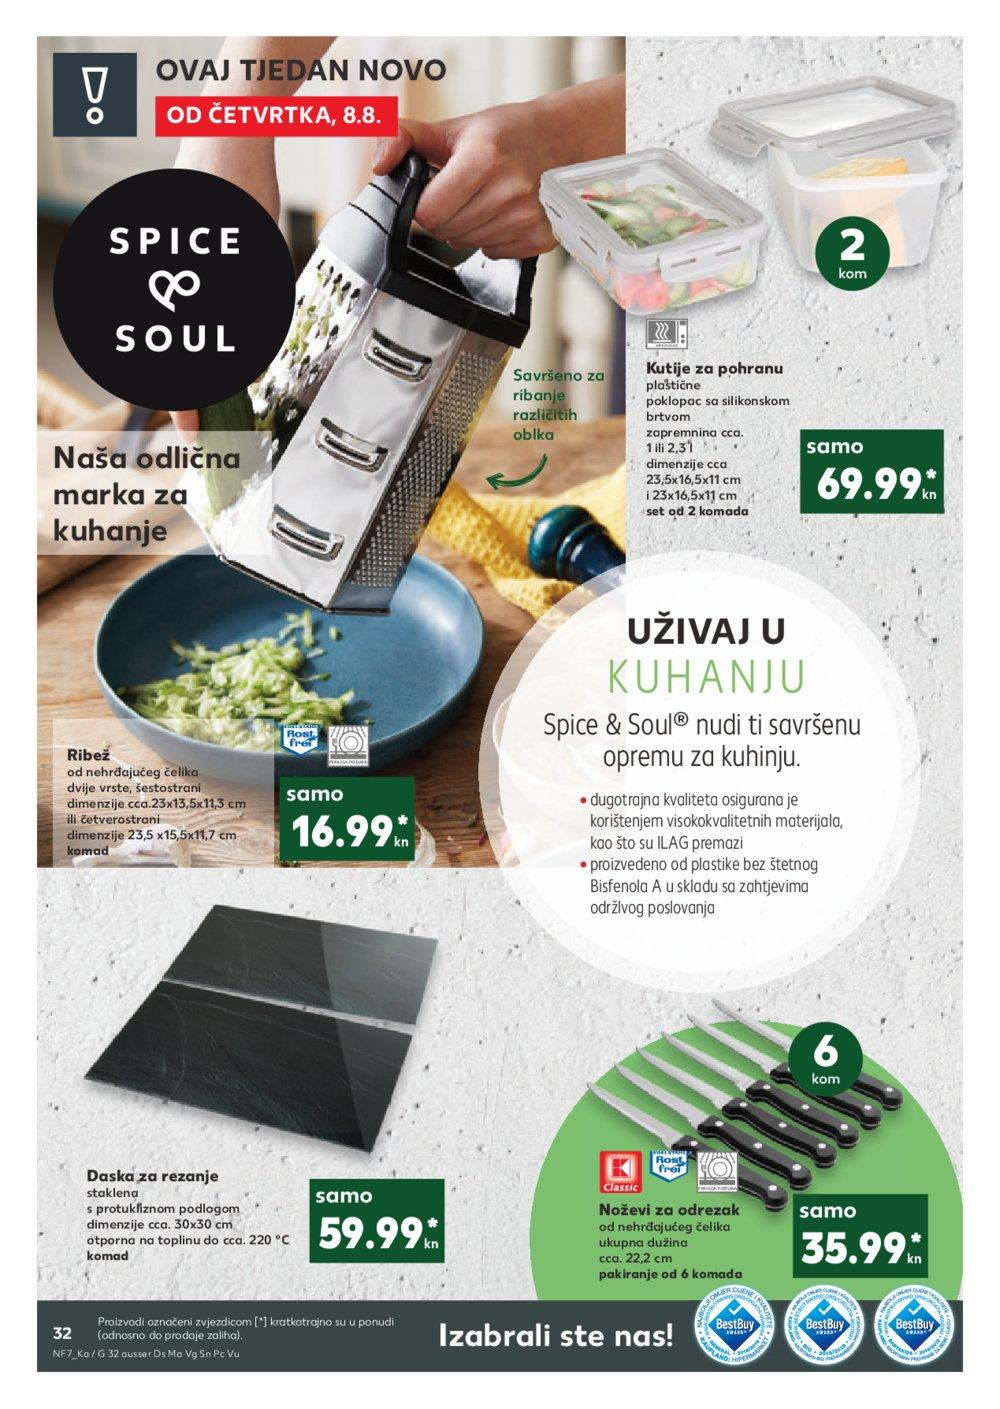 Kaufland katalog Akcija 08.08.-13.08.2019. Pu, Ši, Tr, Um, Zd, Zd Sinjoretovo